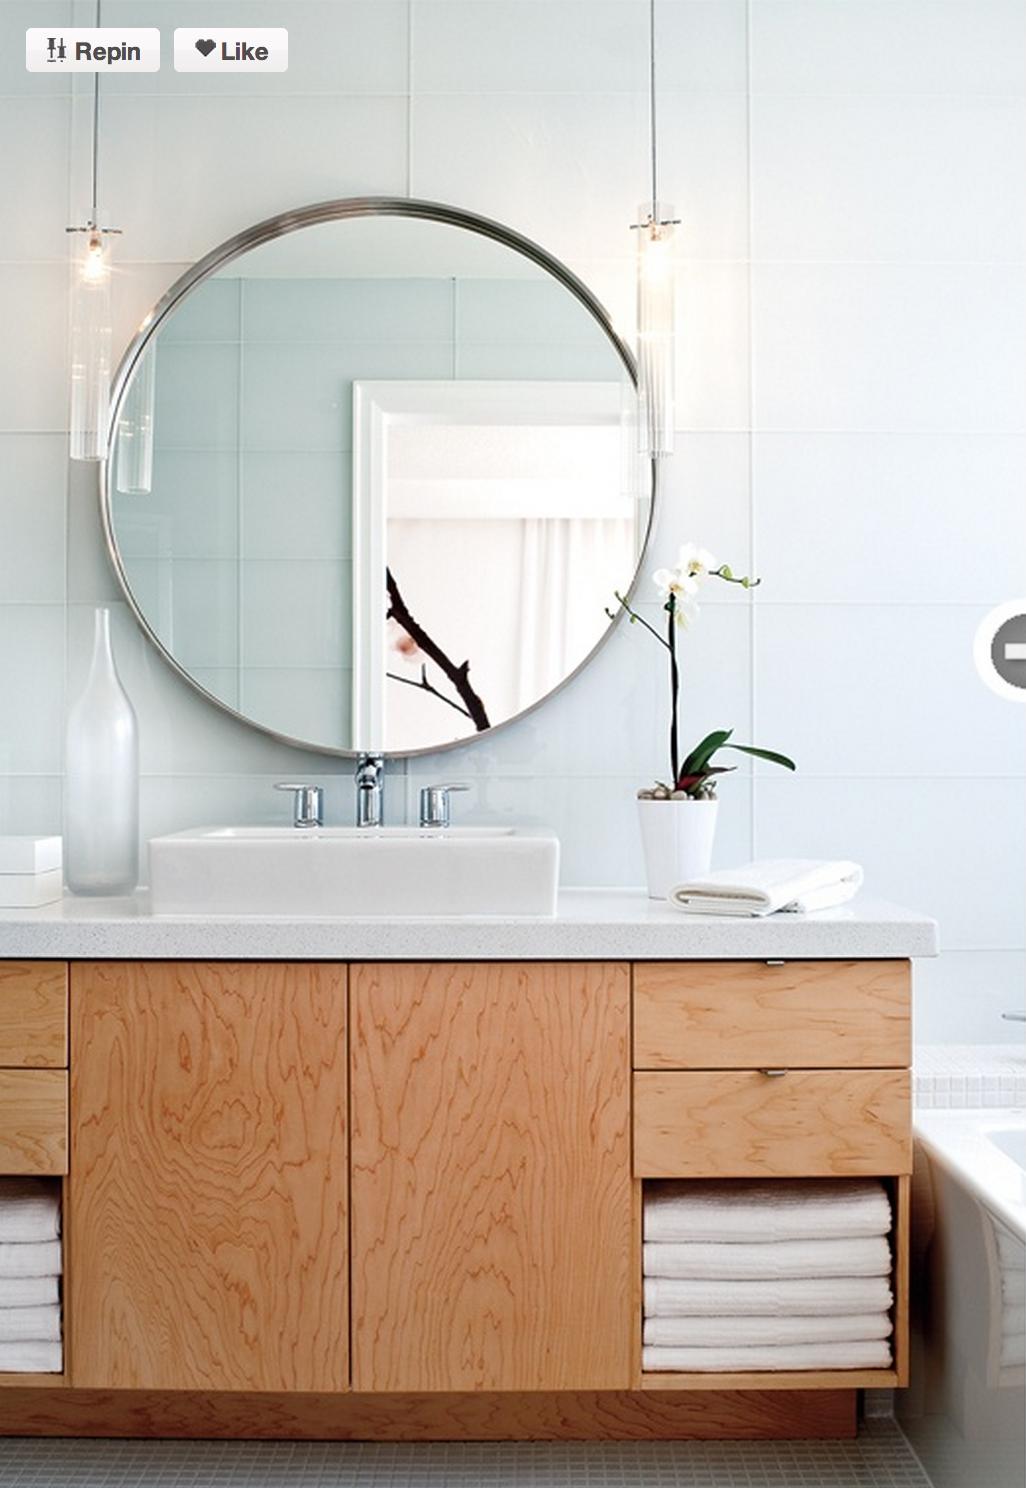 Koperi Muebles Bano - Pin De Magda Prinsloo En Interior Pinterest[mjhdah]https://i.pinimg.com/736x/18/75/31/187531941e9843a5c52cbd9886024dd3–farmhouse-bathrooms-vintage-bathrooms.jpg